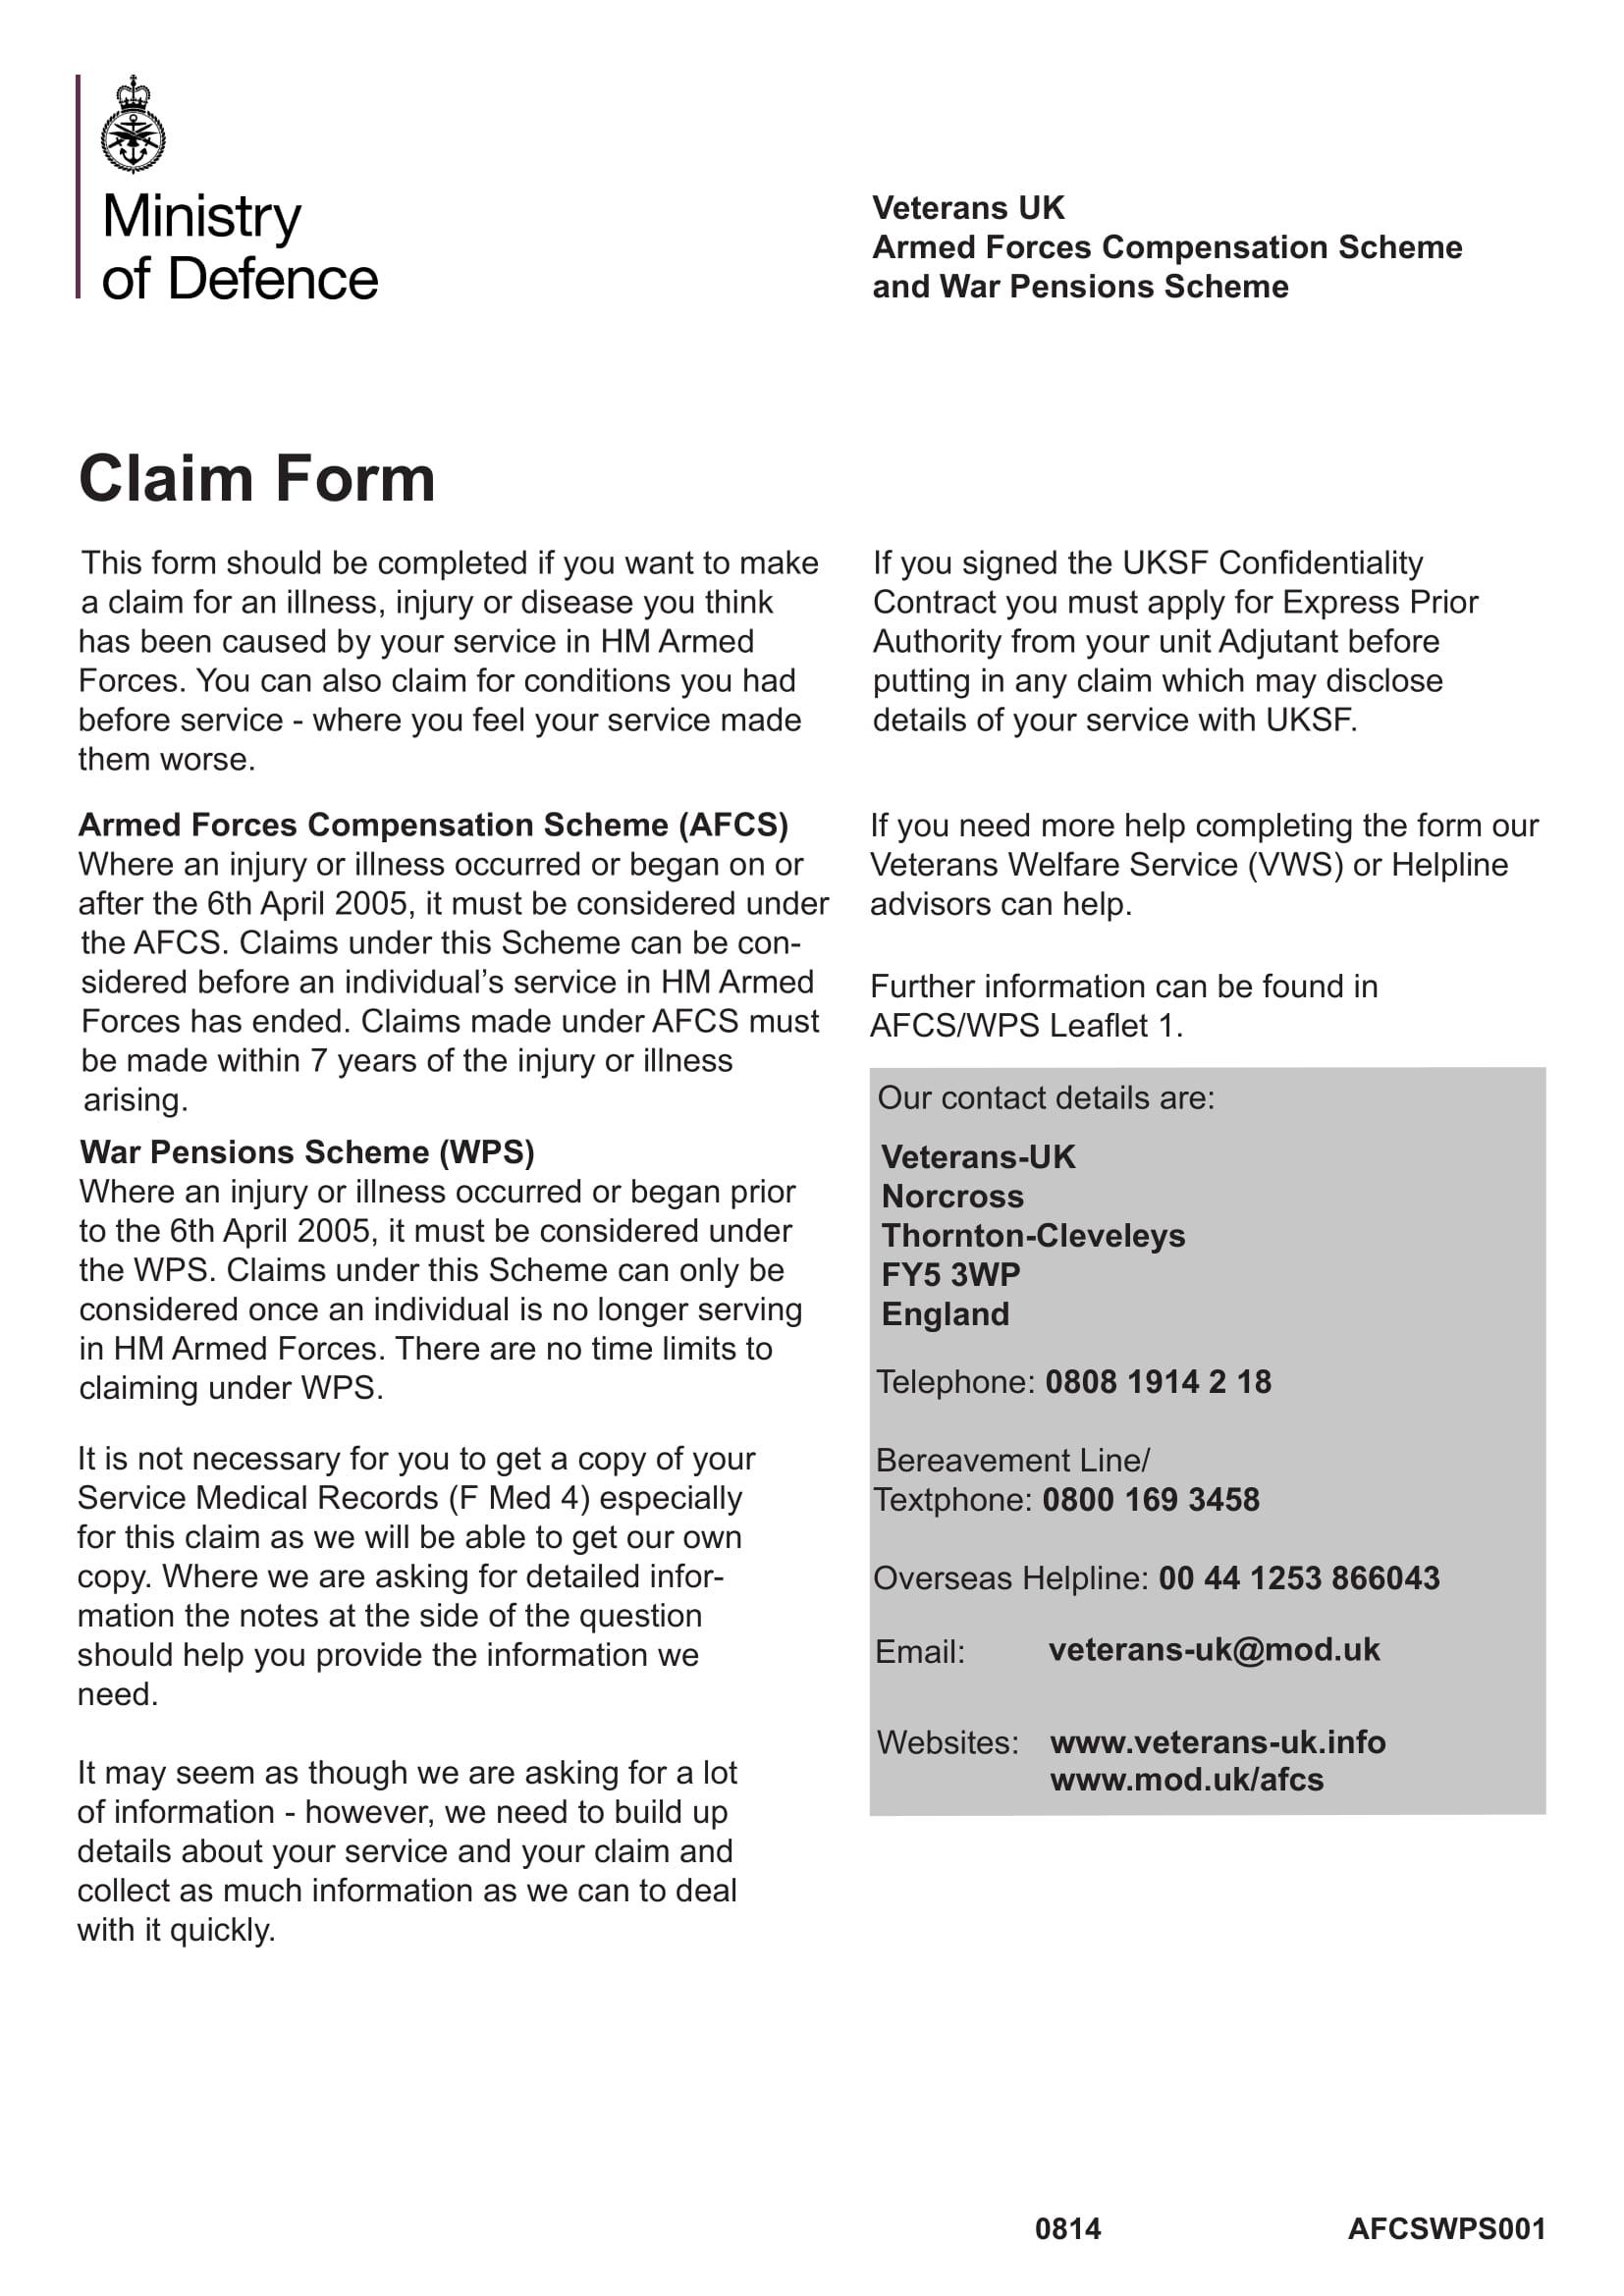 afcs wpc claim form 01